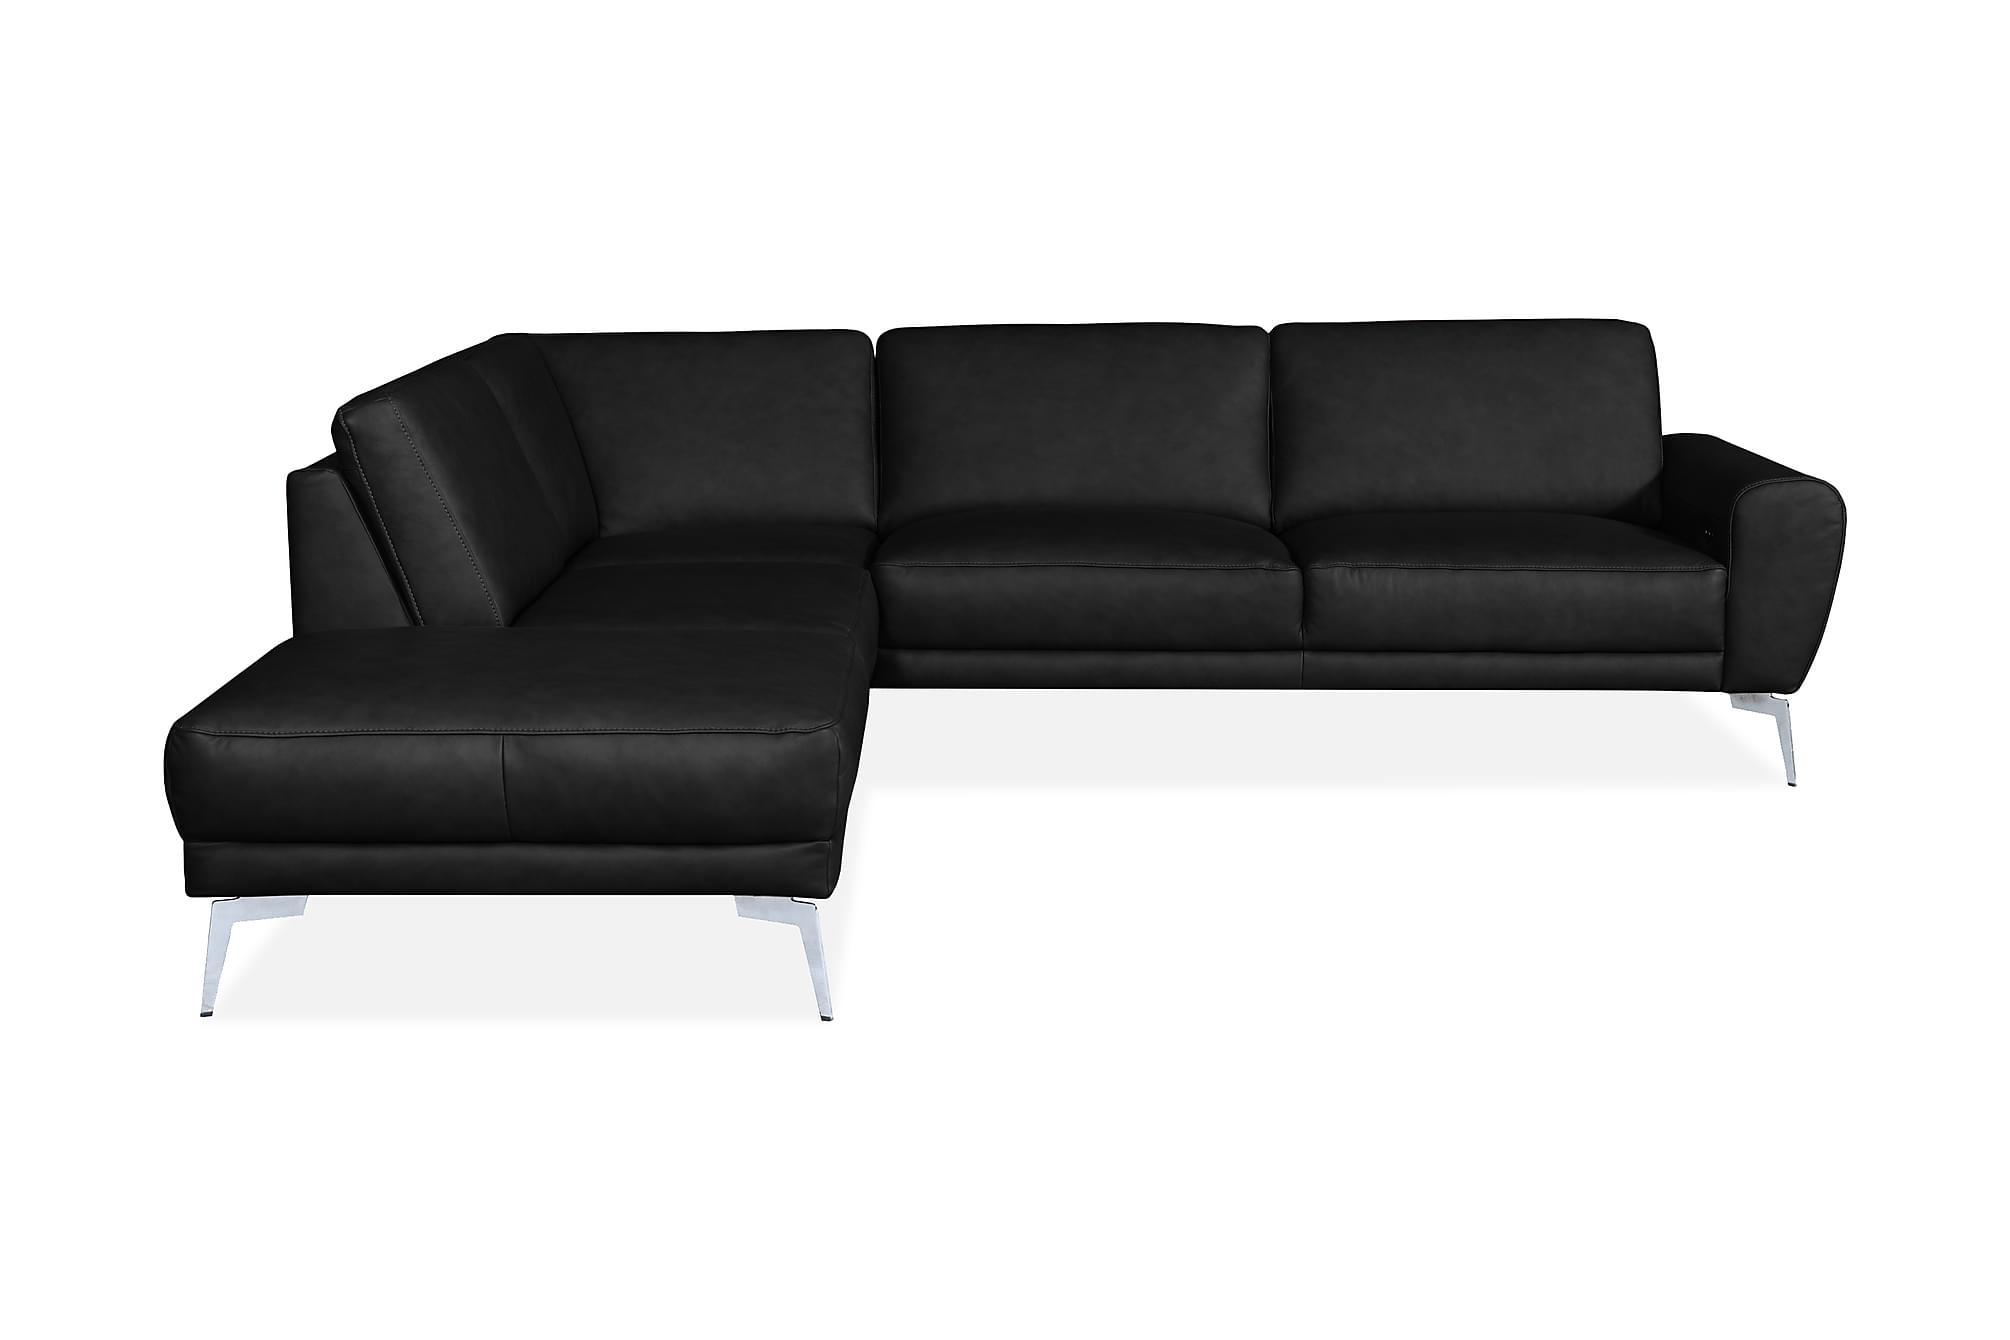 Brienno hörnsoffa vänster läder svart/krom/mattsvart